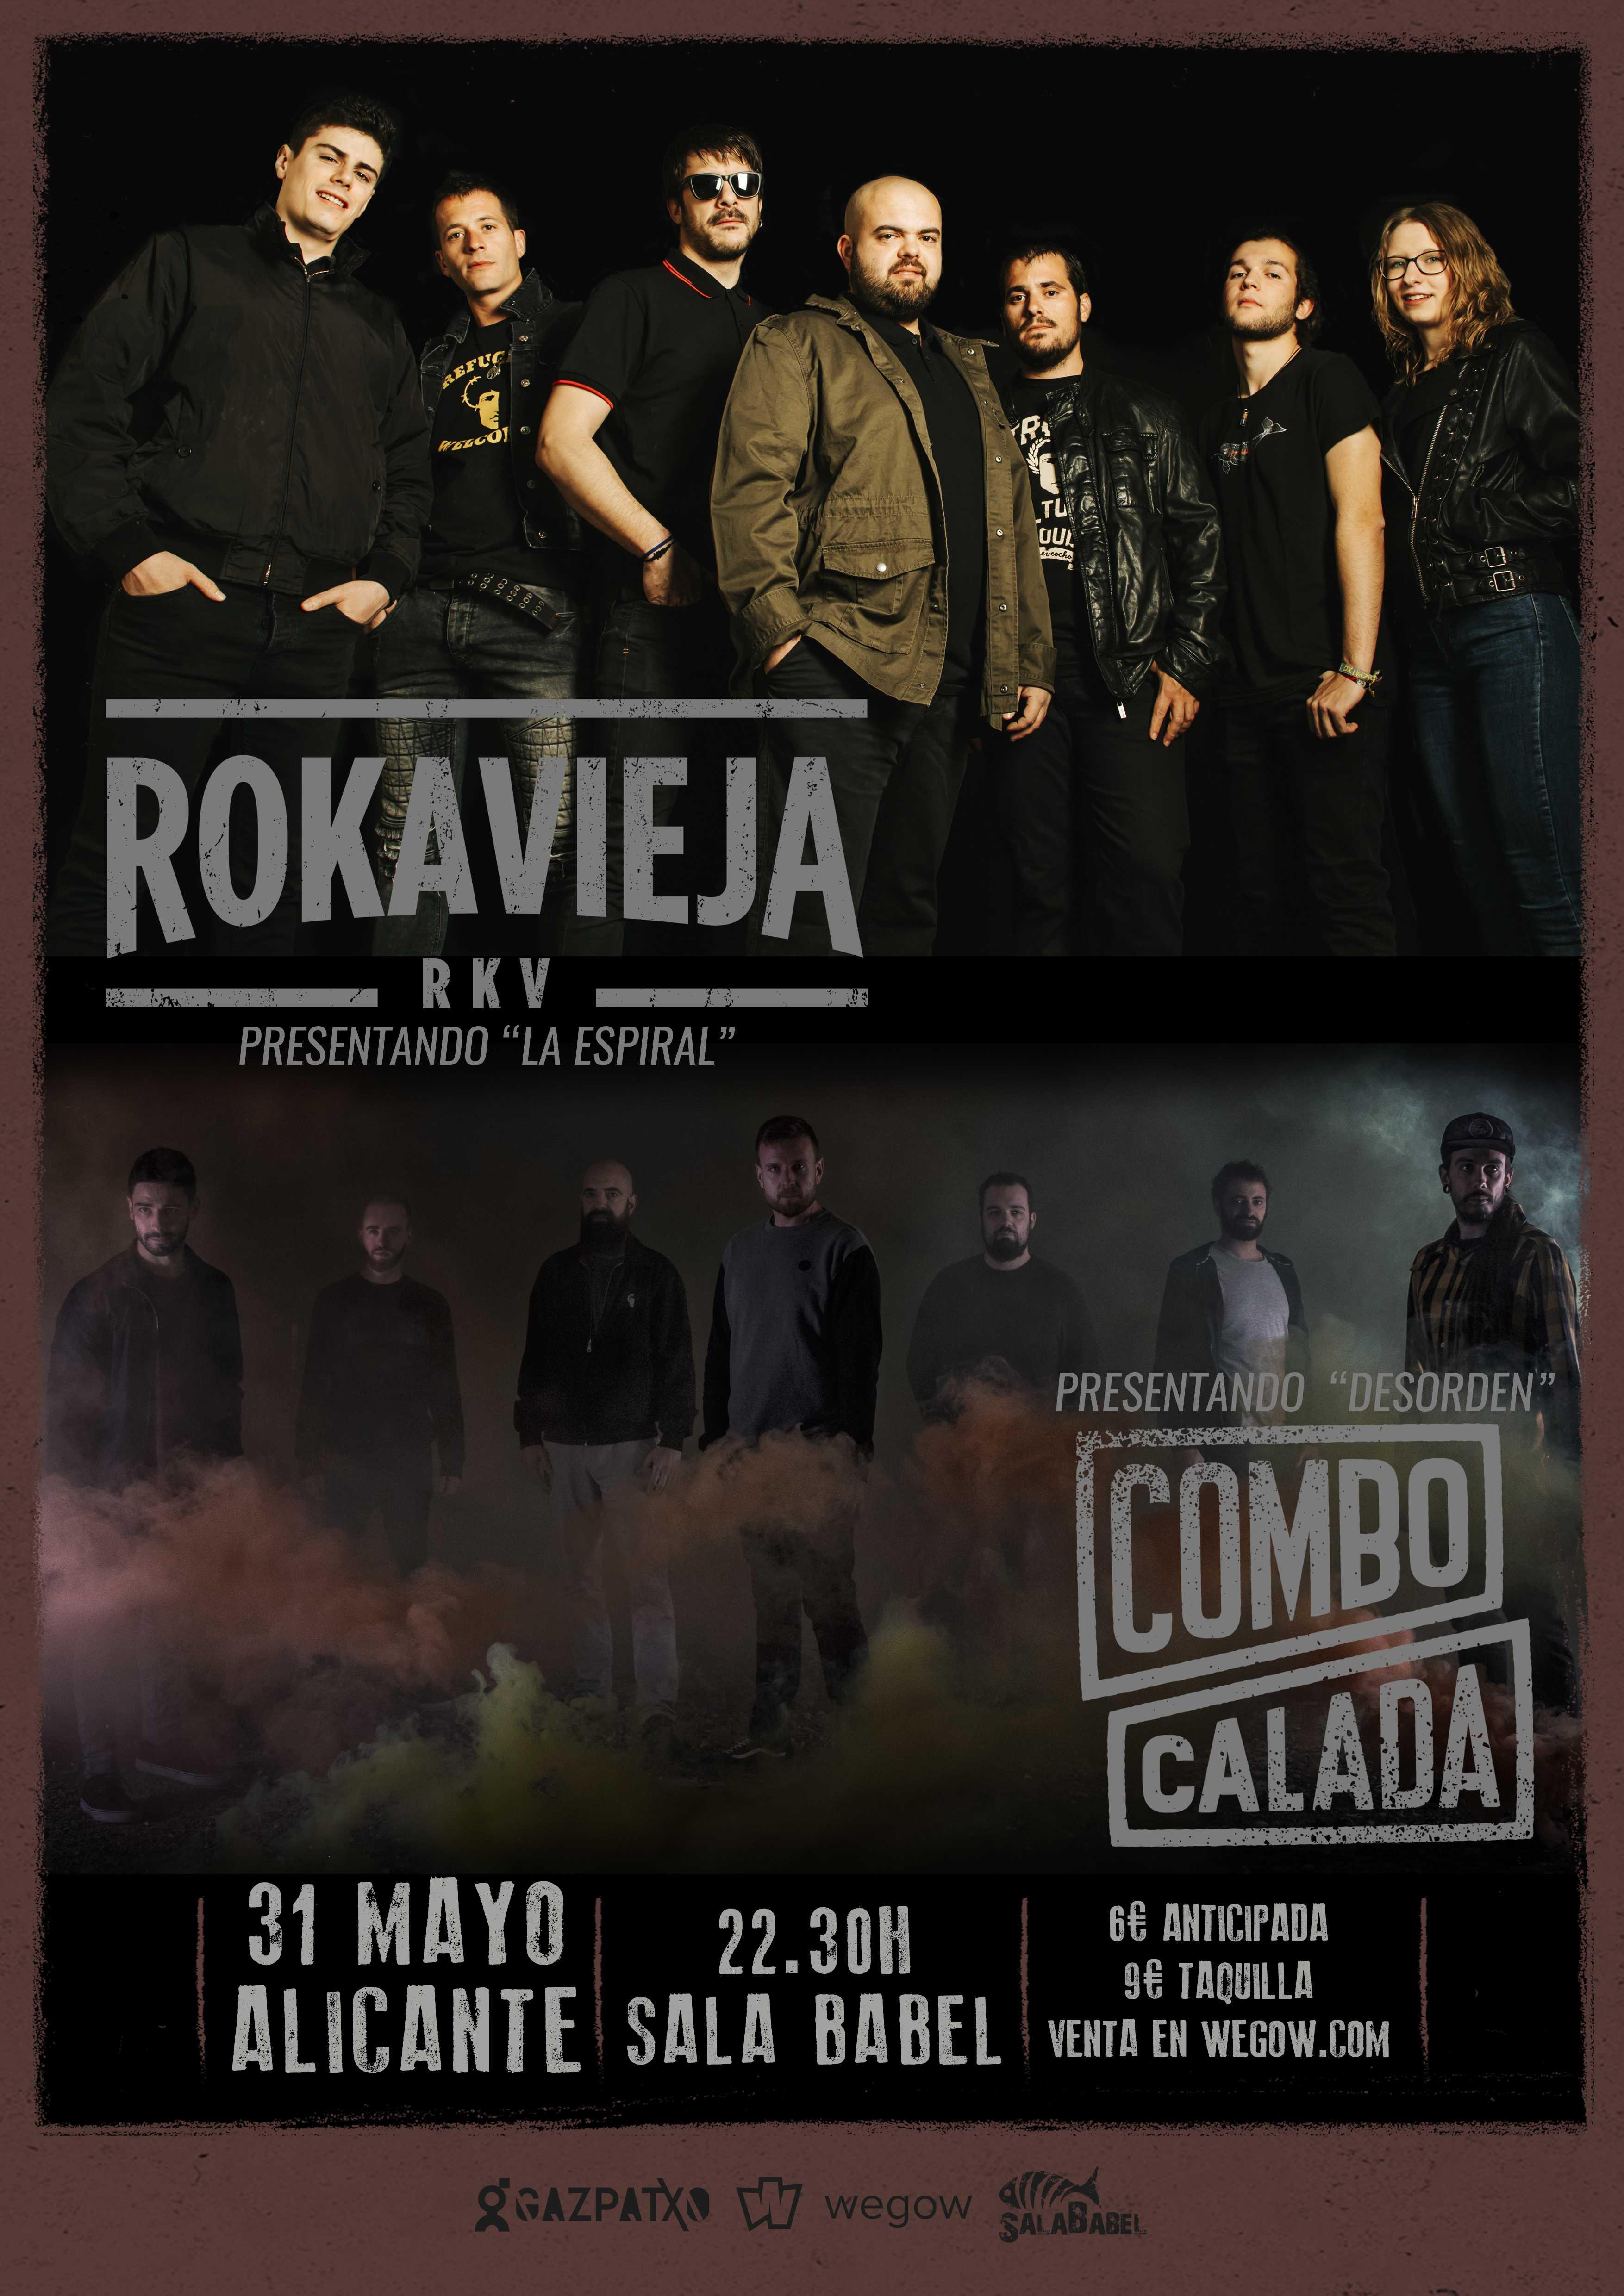 Combo Calada presenta su nuevo disco 'Desorden' en la sala Babel de Alicante